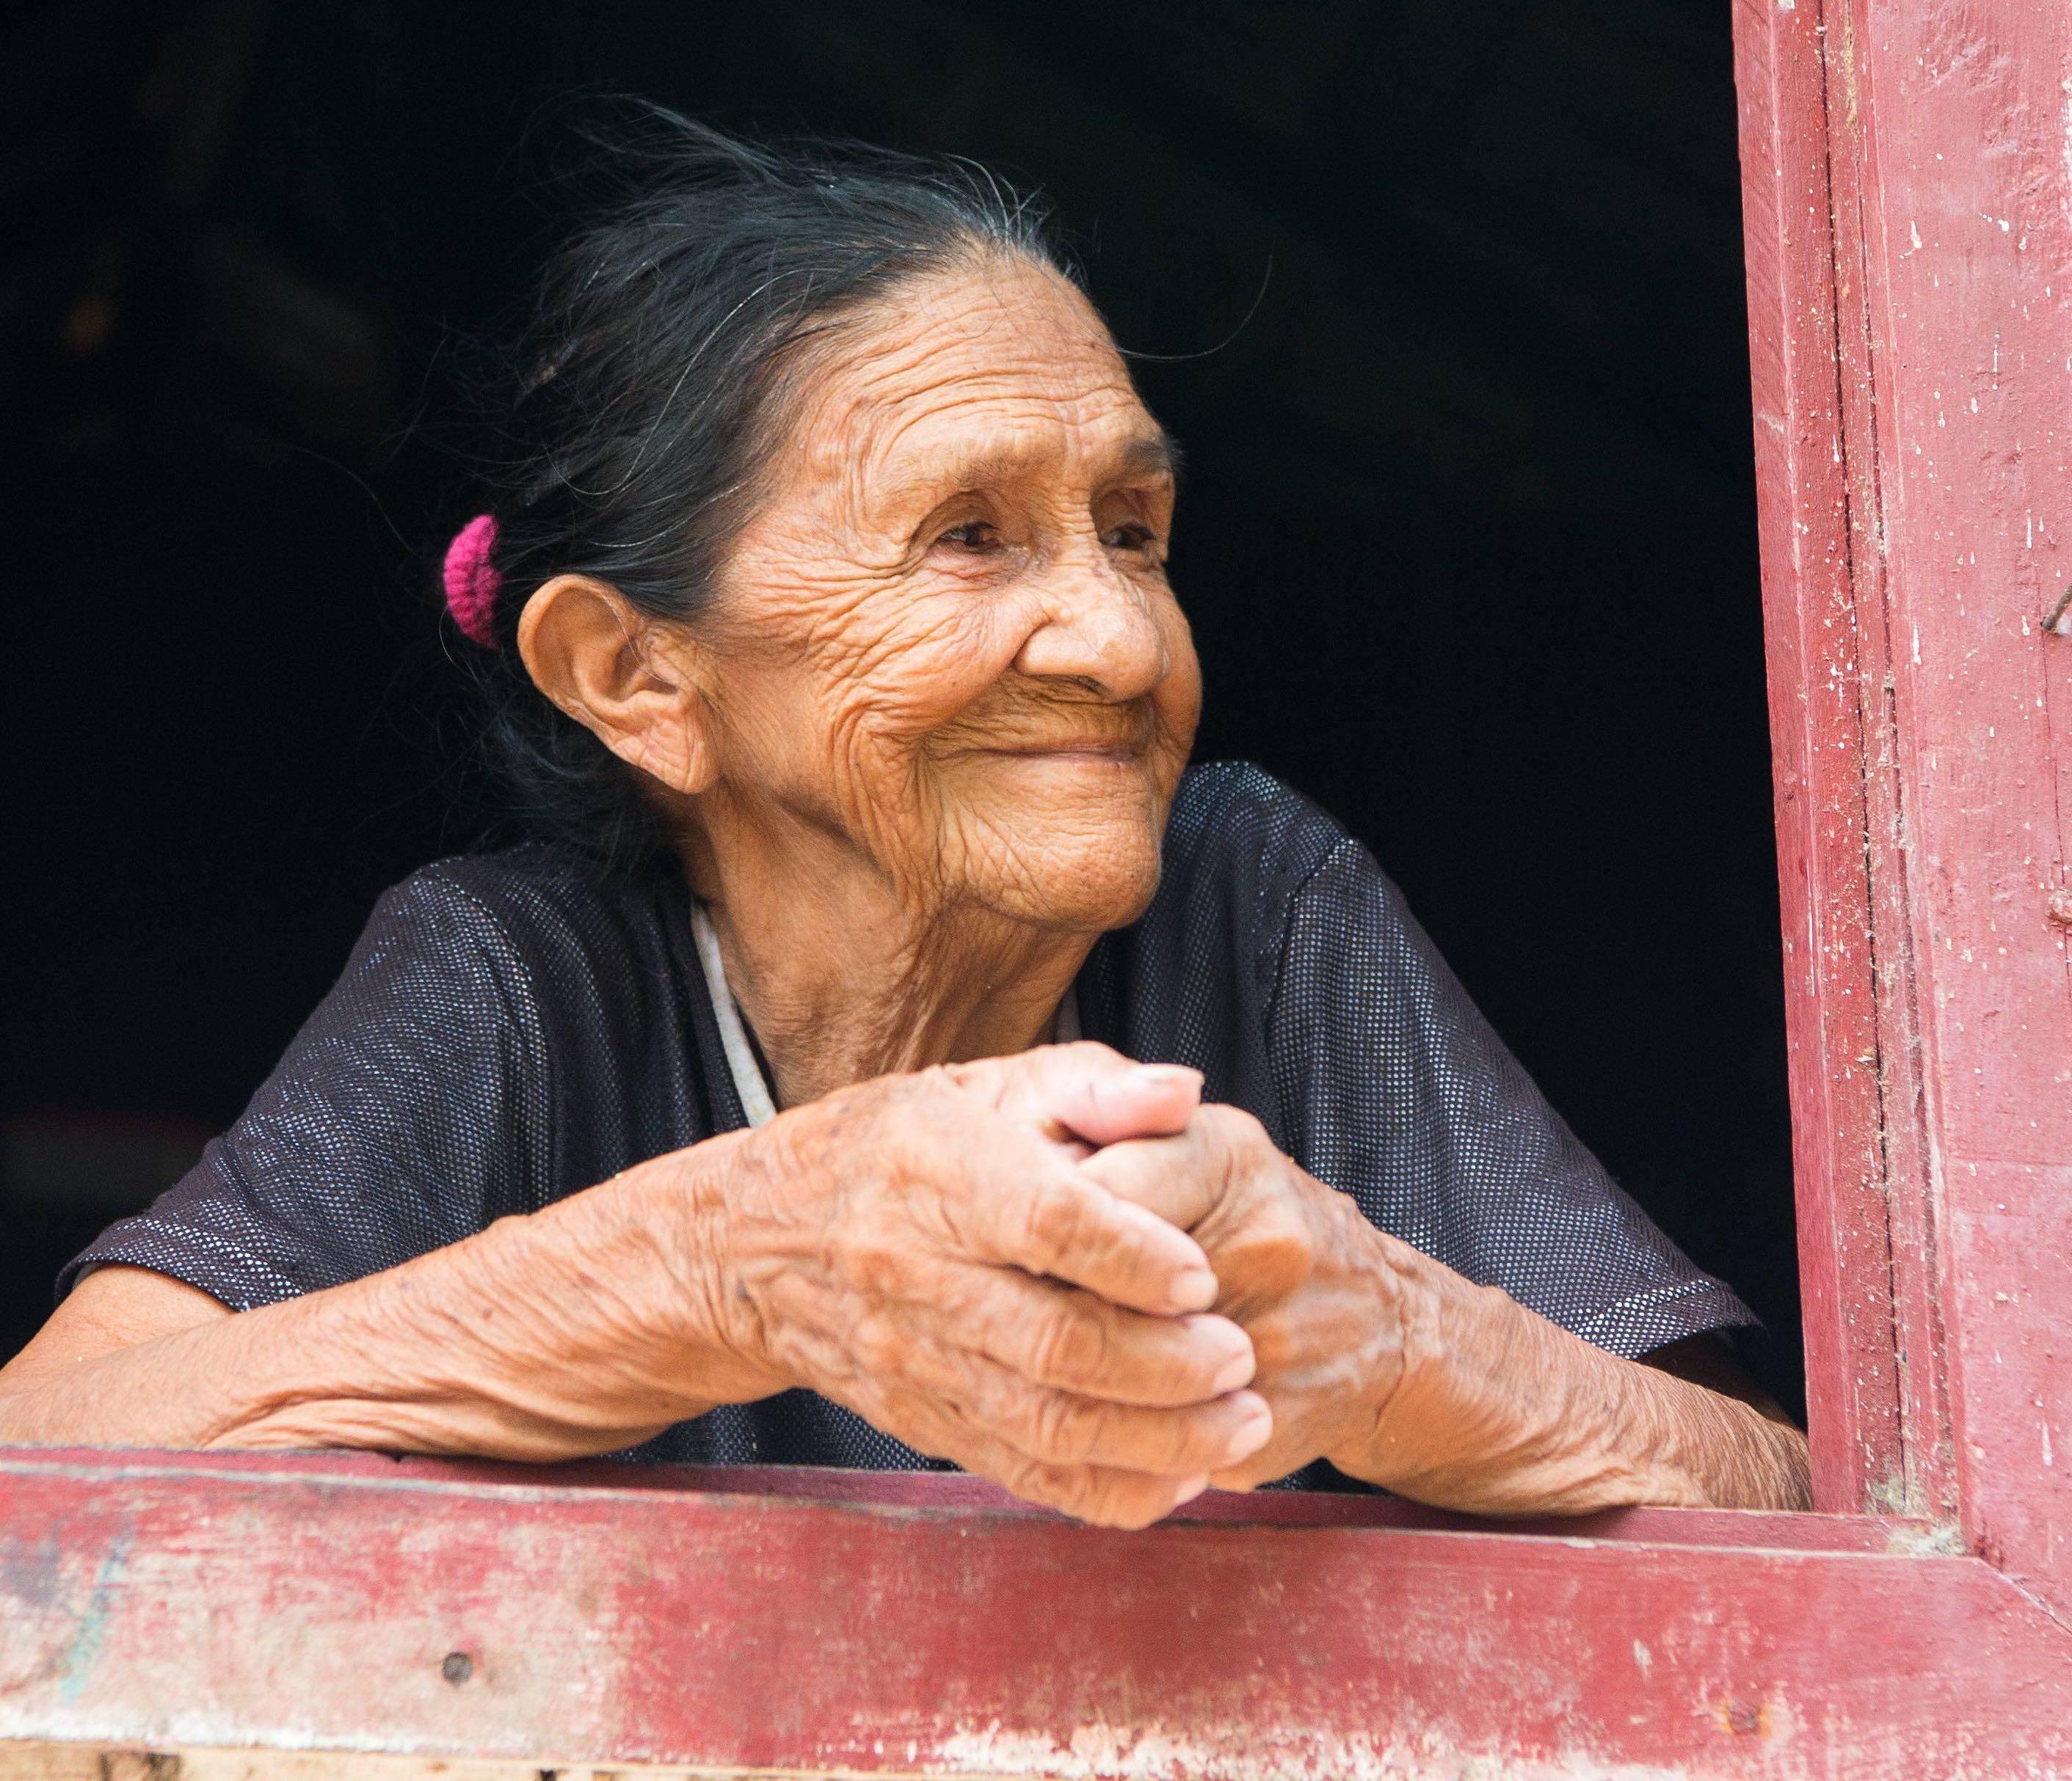 Elderly Brazilian woman gazing out of window